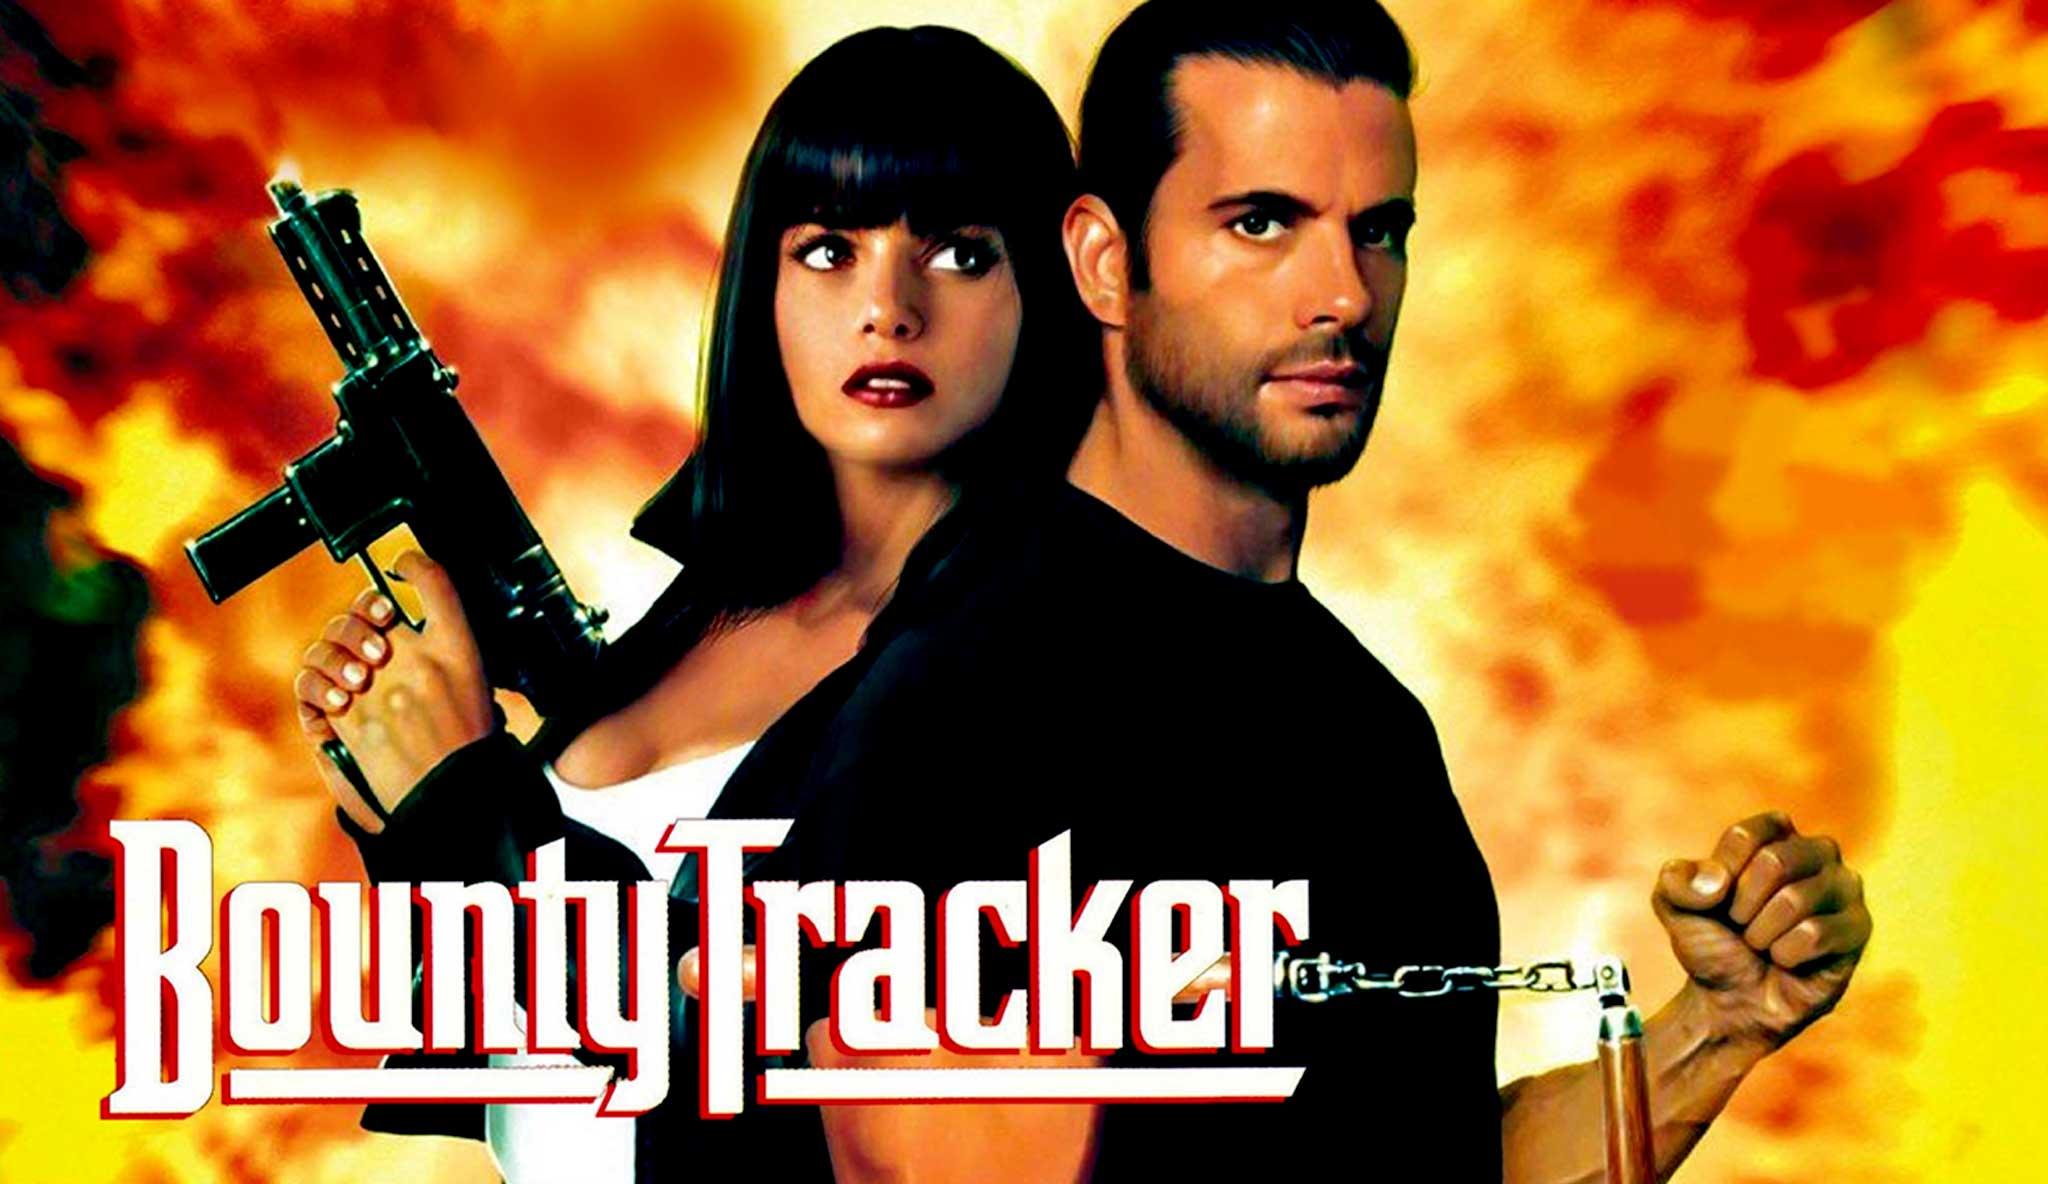 bounty-tracker\header.jpg